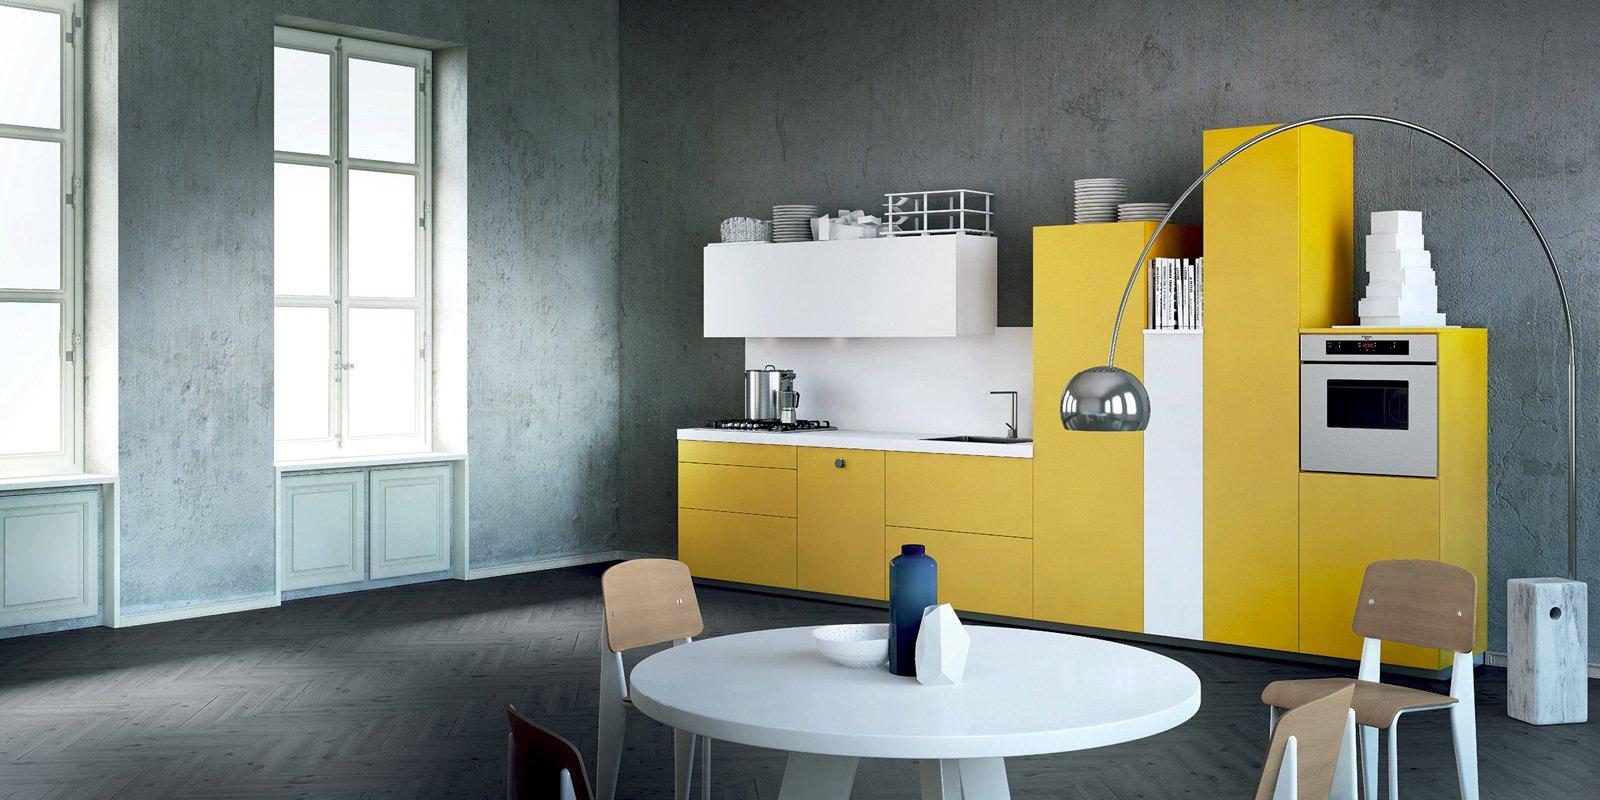 Cucine bicolore: l\'alternanza cromatica fa tendenza - Cose di Casa